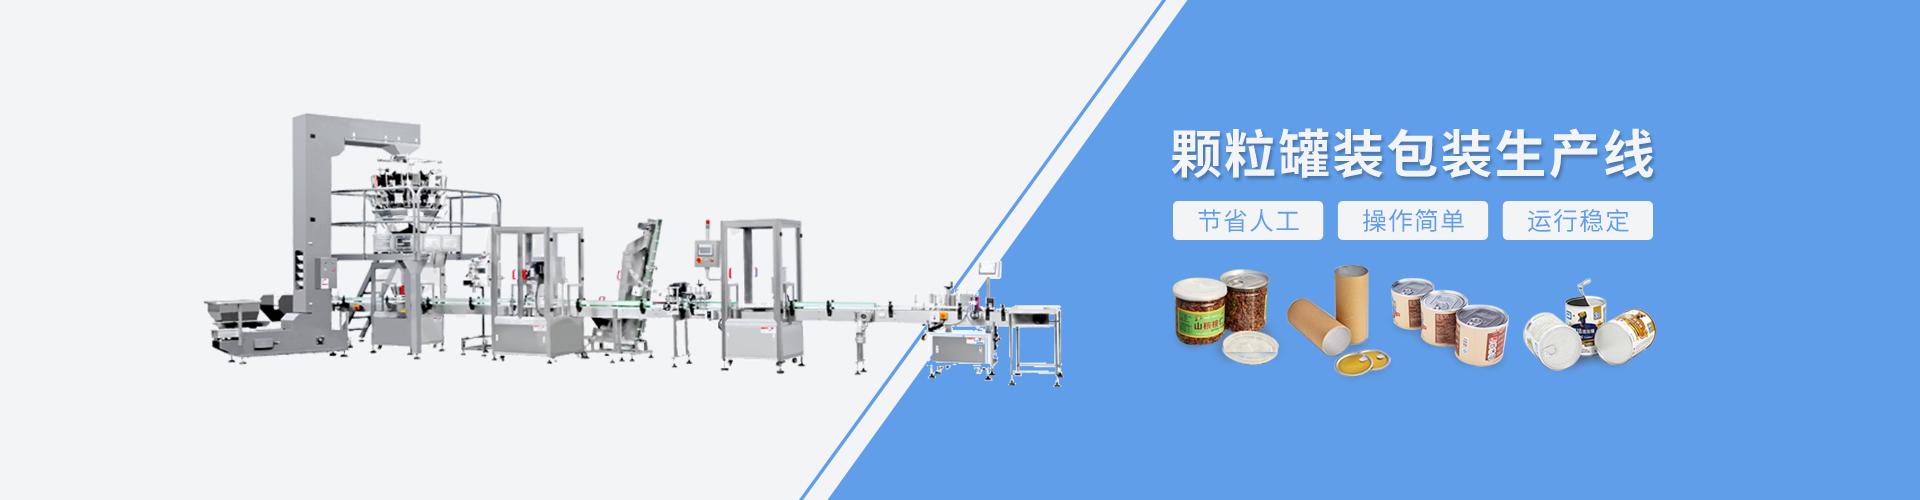 灌装粉剂颗粒包装生产线